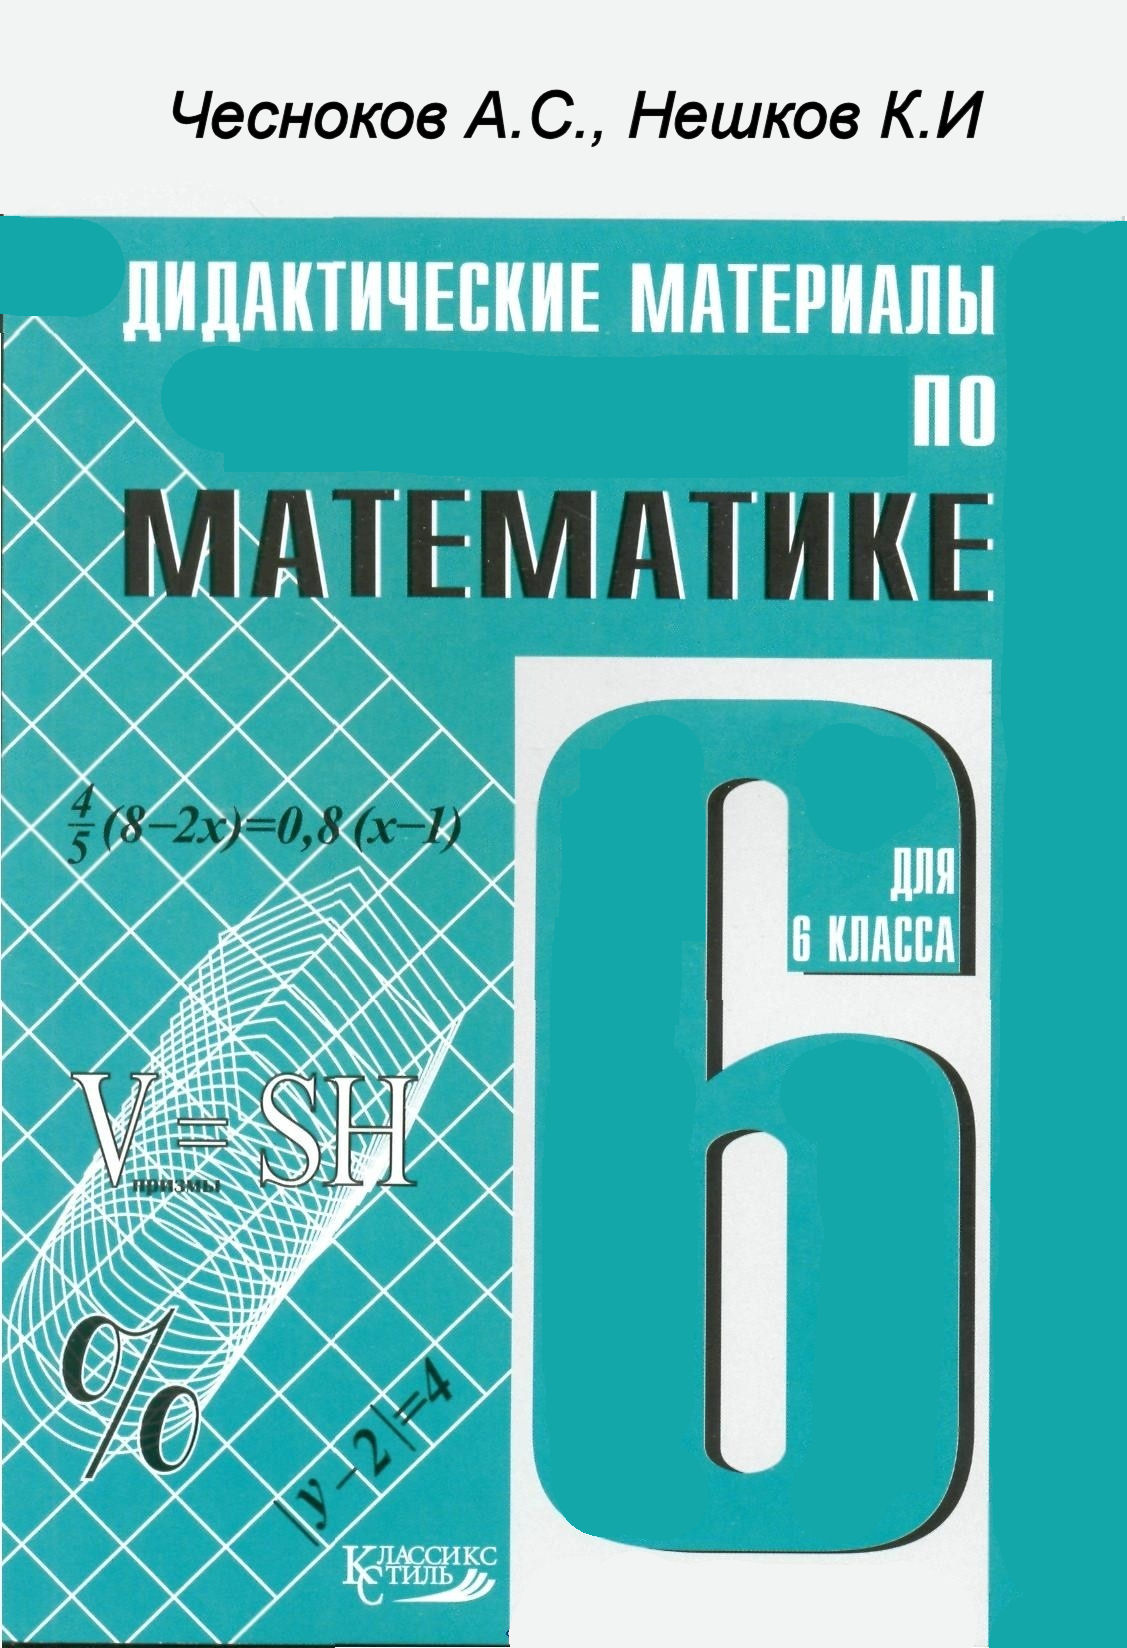 Творчеству исая онлайн решебник русский 11 власенков 2007